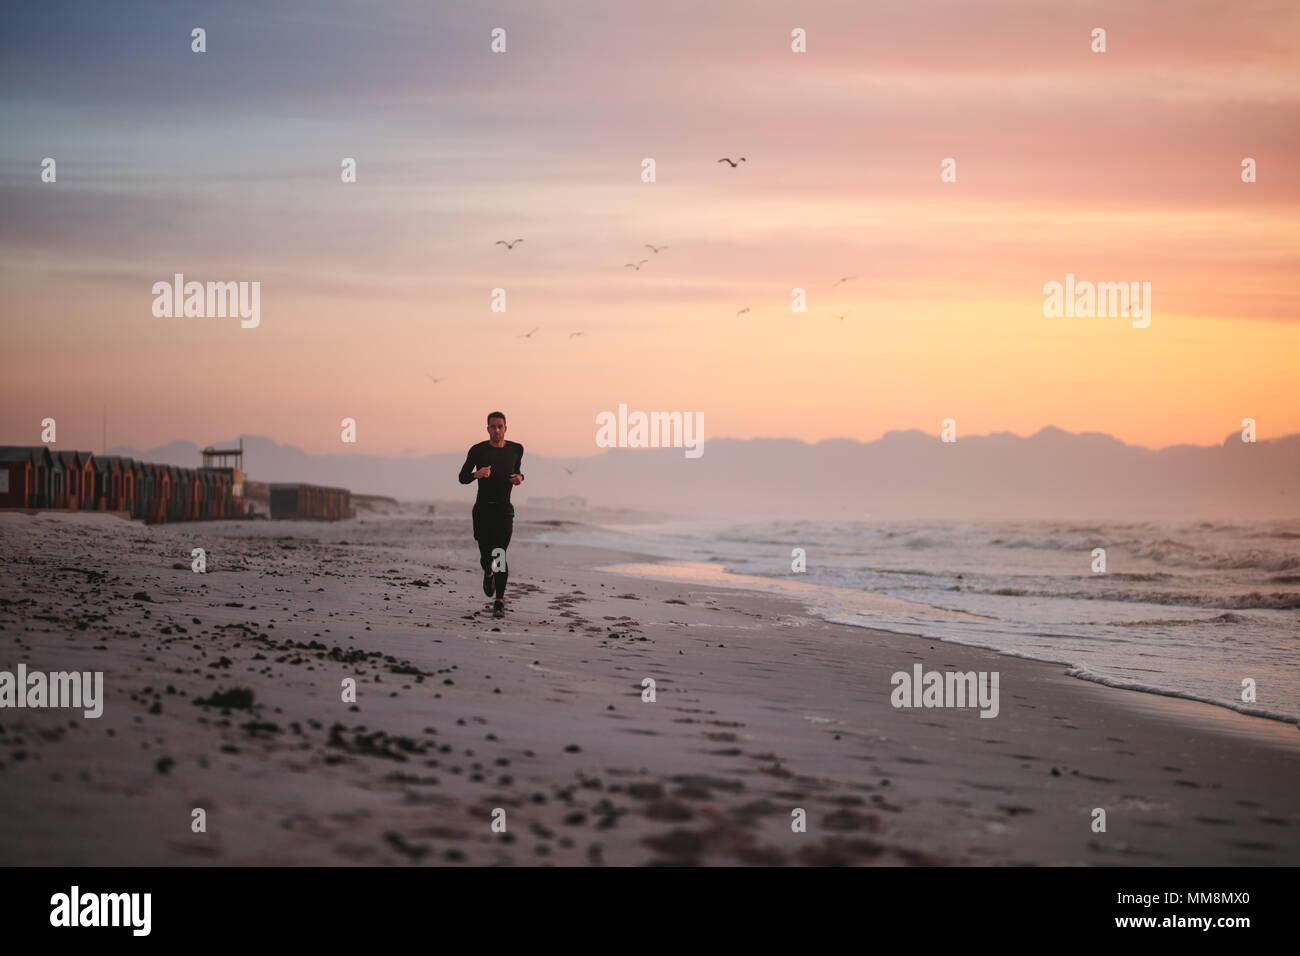 Disparo de longitud completa de colocar hombres runner corriendo en la playa por la mañana. Fitness hombre footing en la orilla del mar. Imagen De Stock